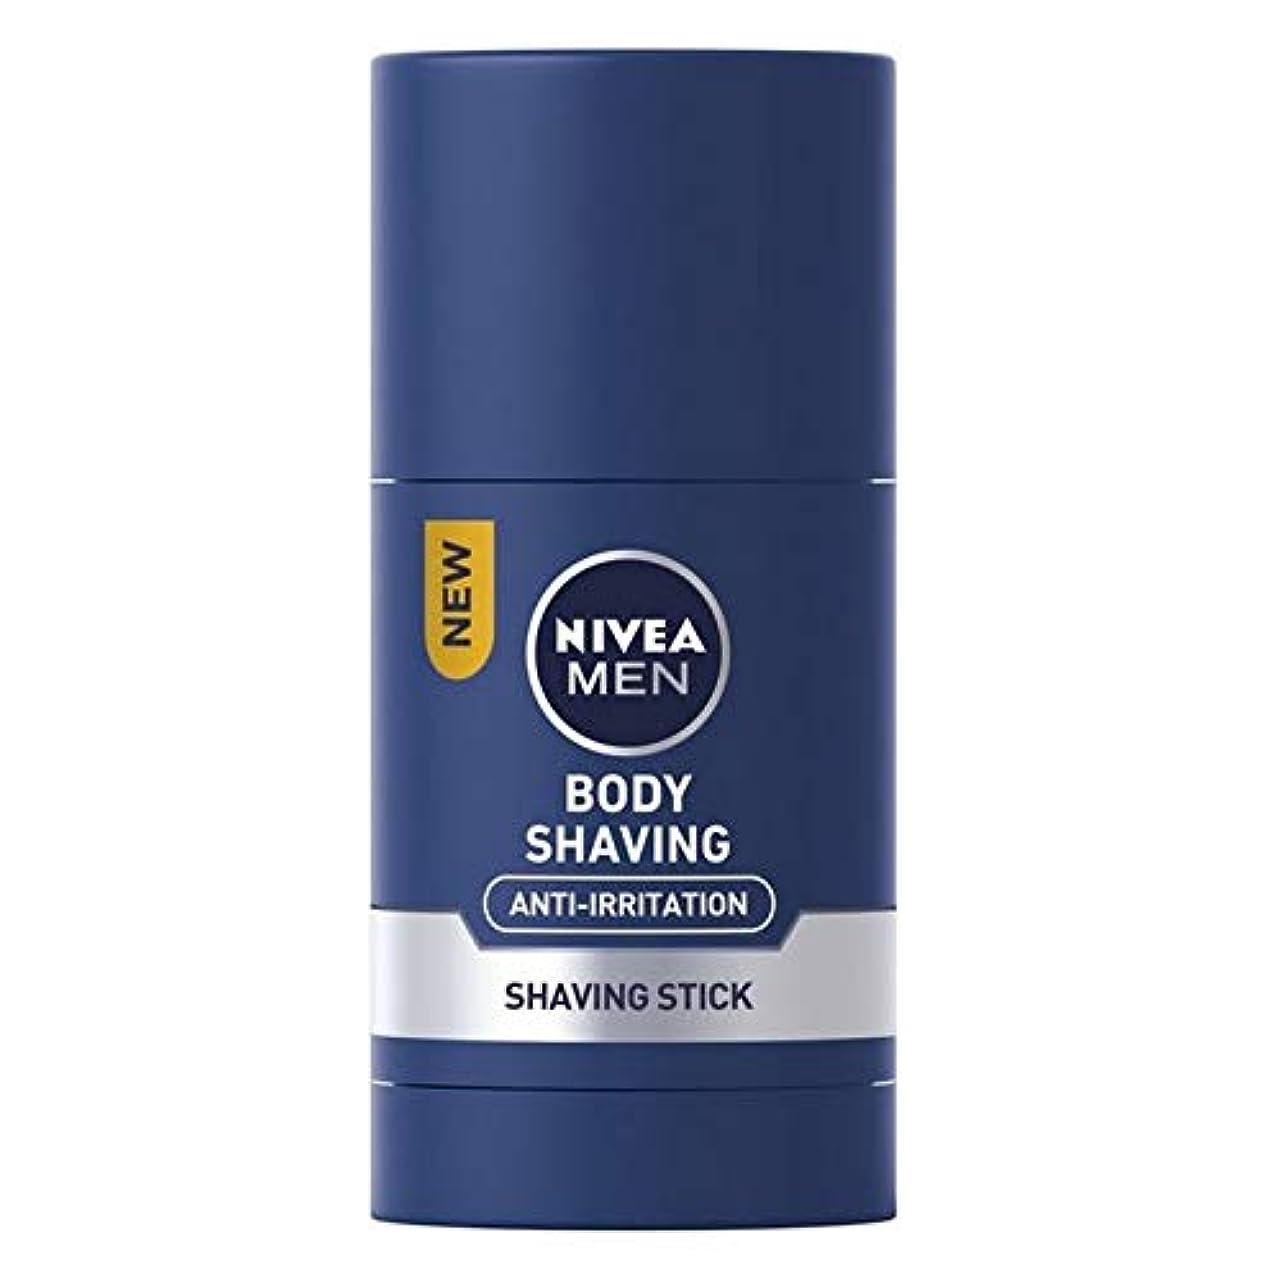 地上でフライトクリップ蝶[Nivea] ニベアの男性のボディシェービングスティック抗炎症の75ミリリットル - Nivea Men Body Shaving Stick Anti-Irritation 75ml [並行輸入品]